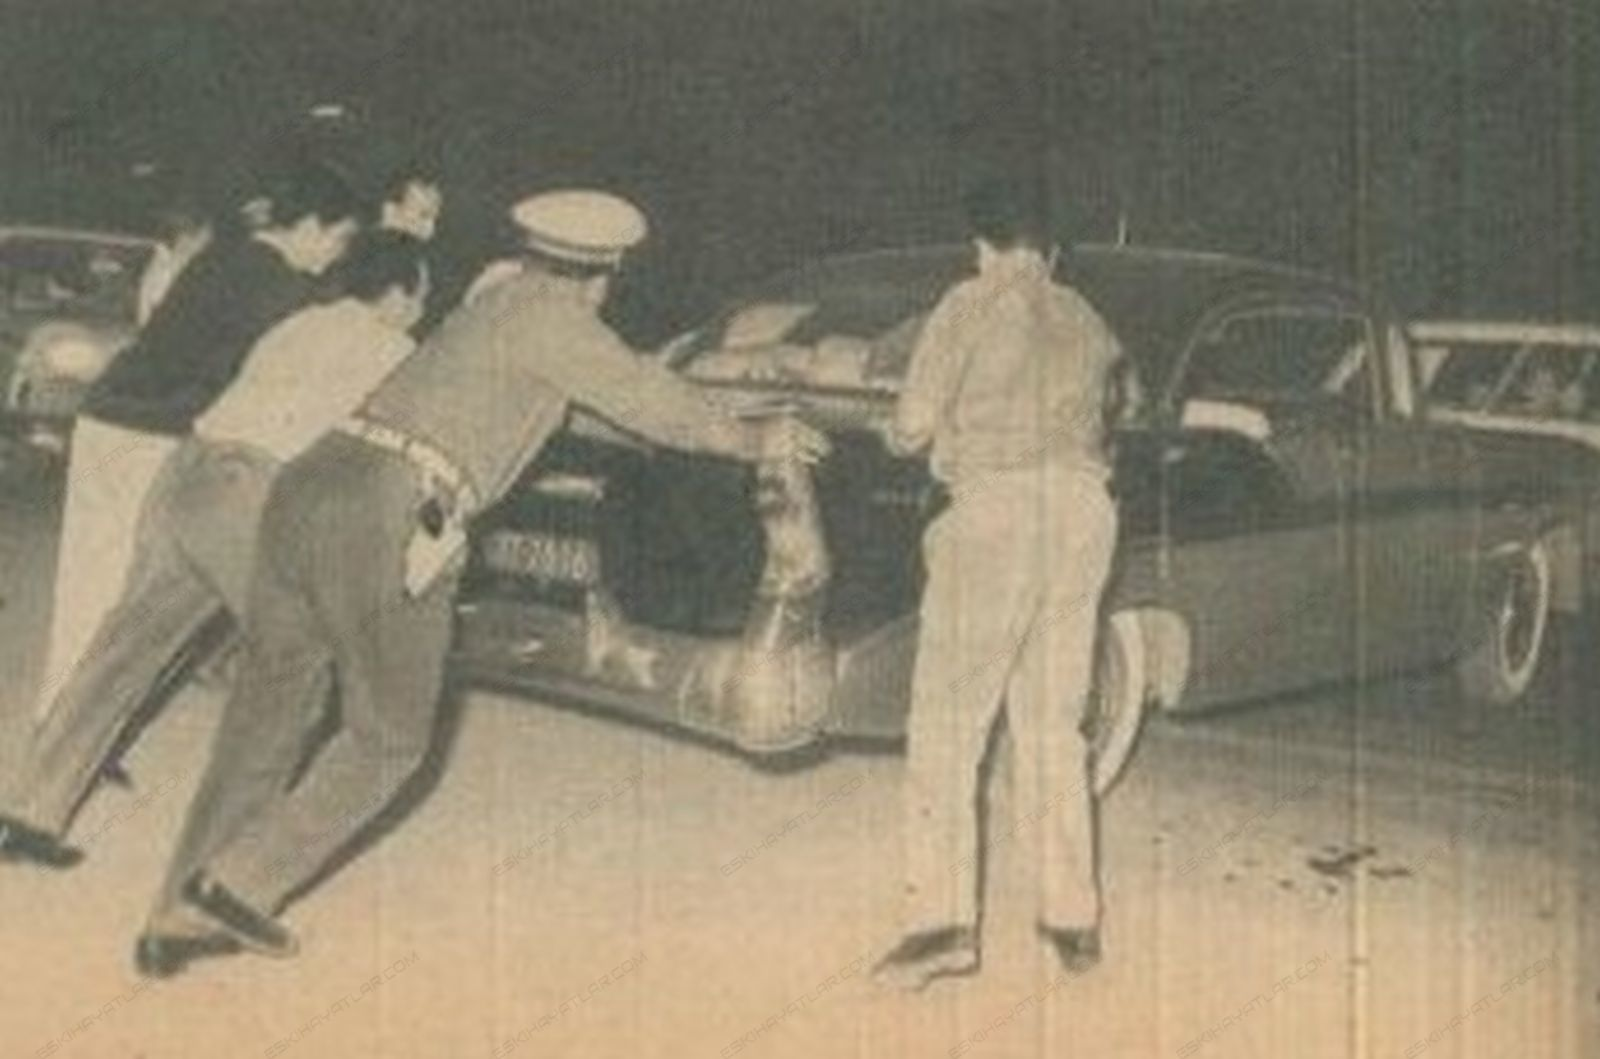 0263-altmisli-yillarda-istanbul-trafigi-1965-hayat-dergisi (5)